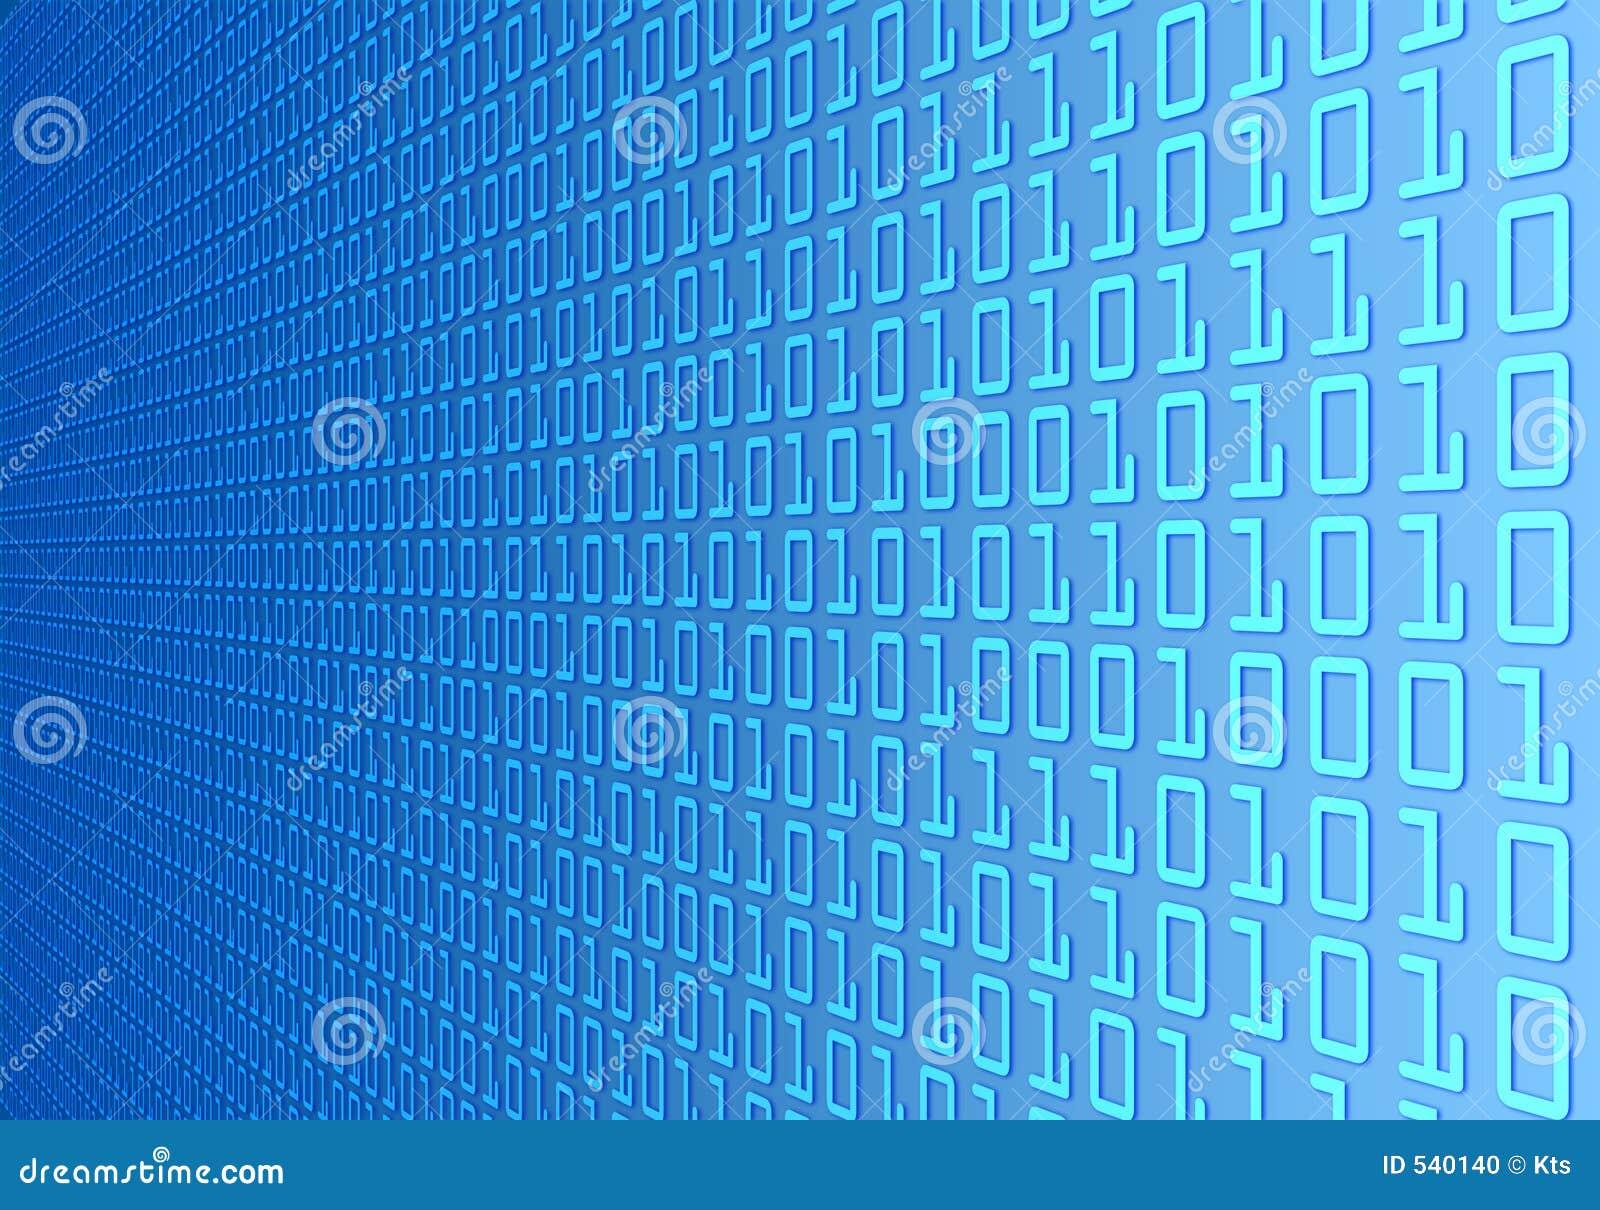 Binary code wall